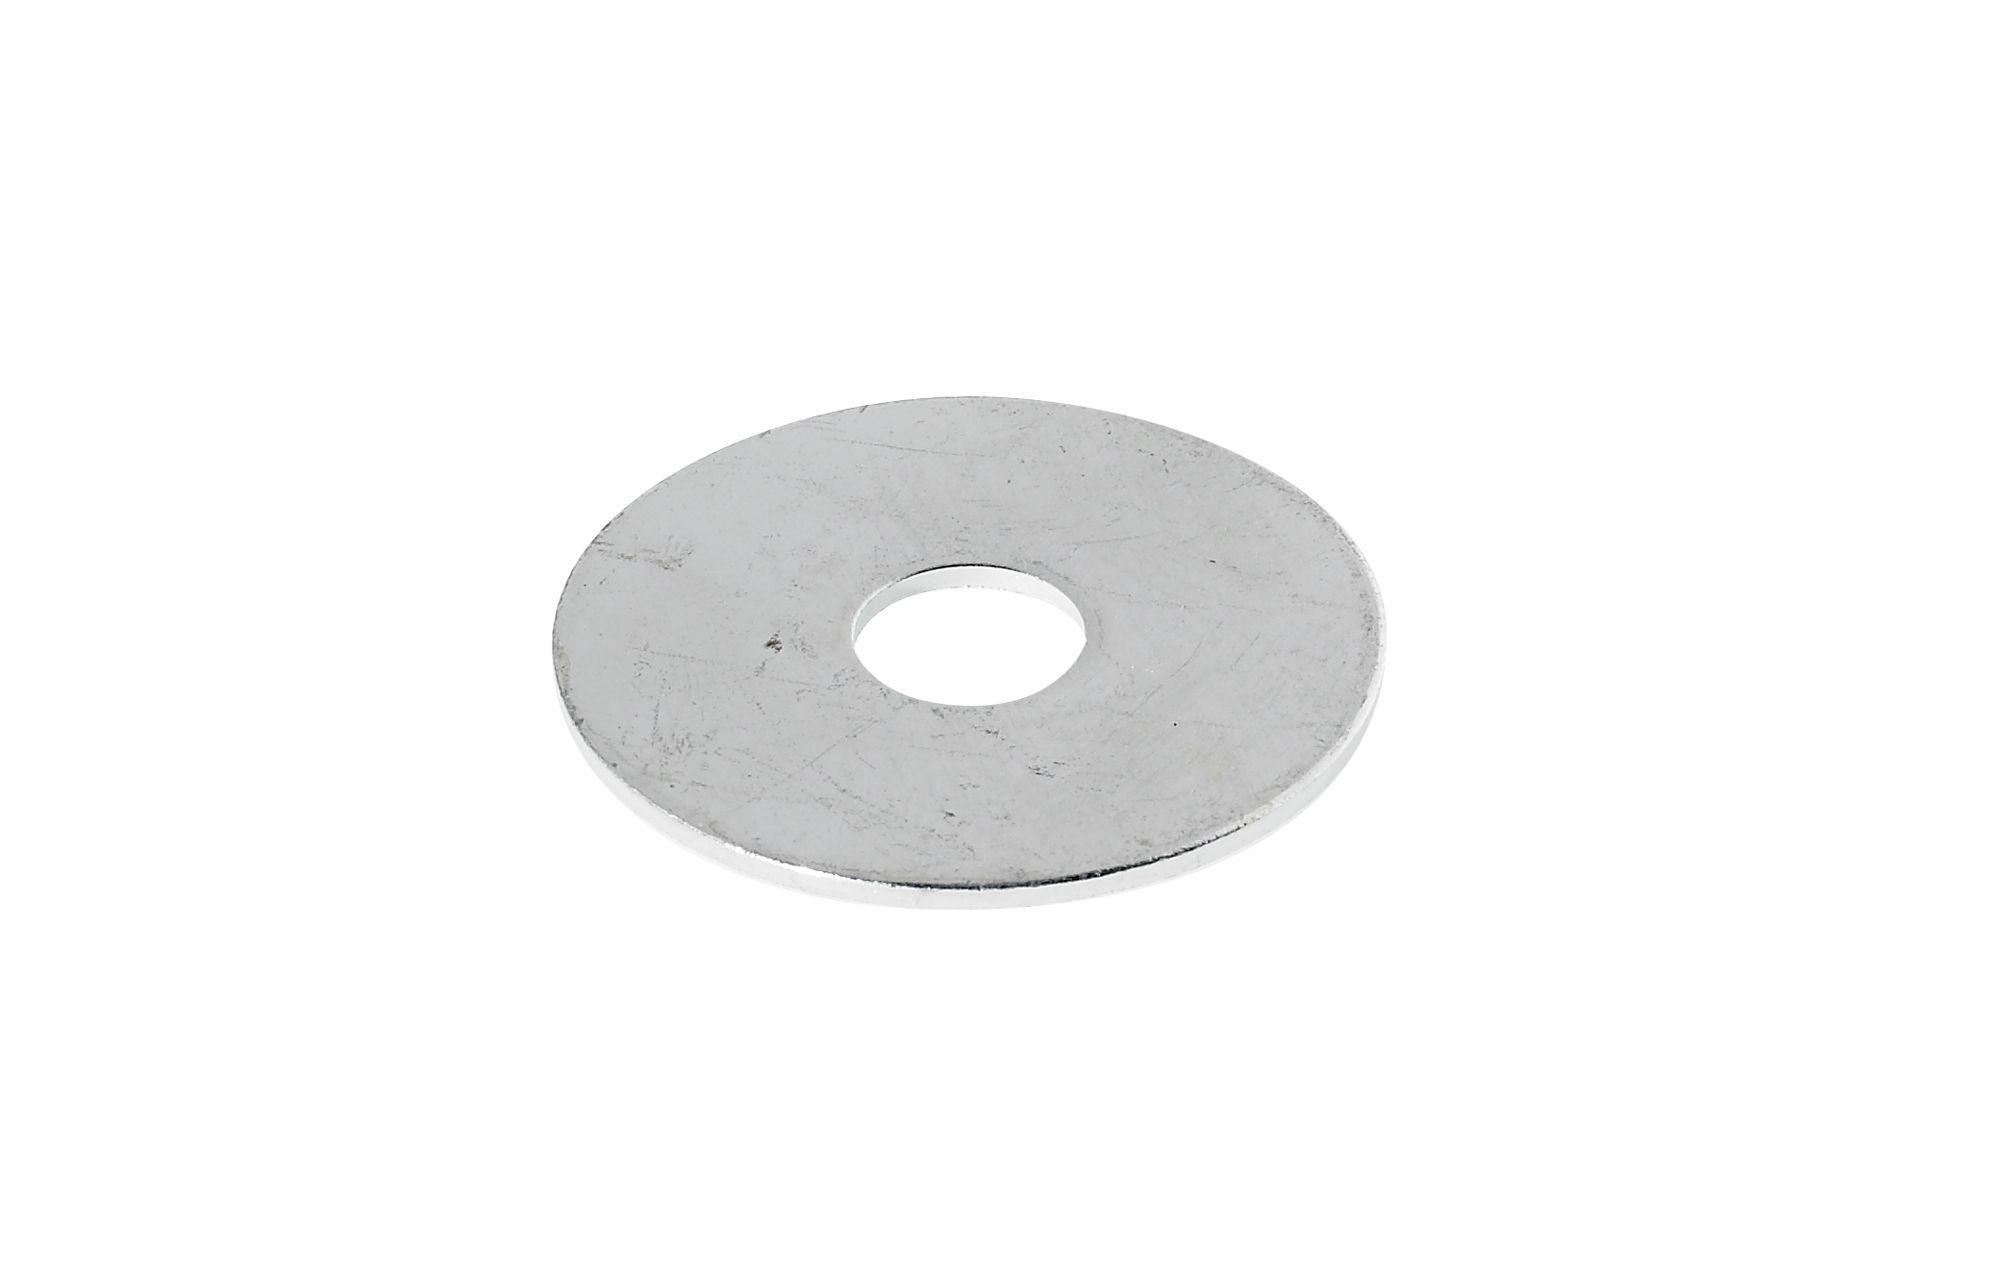 Avf M9 Steel Repair Washer, Pack Of 10